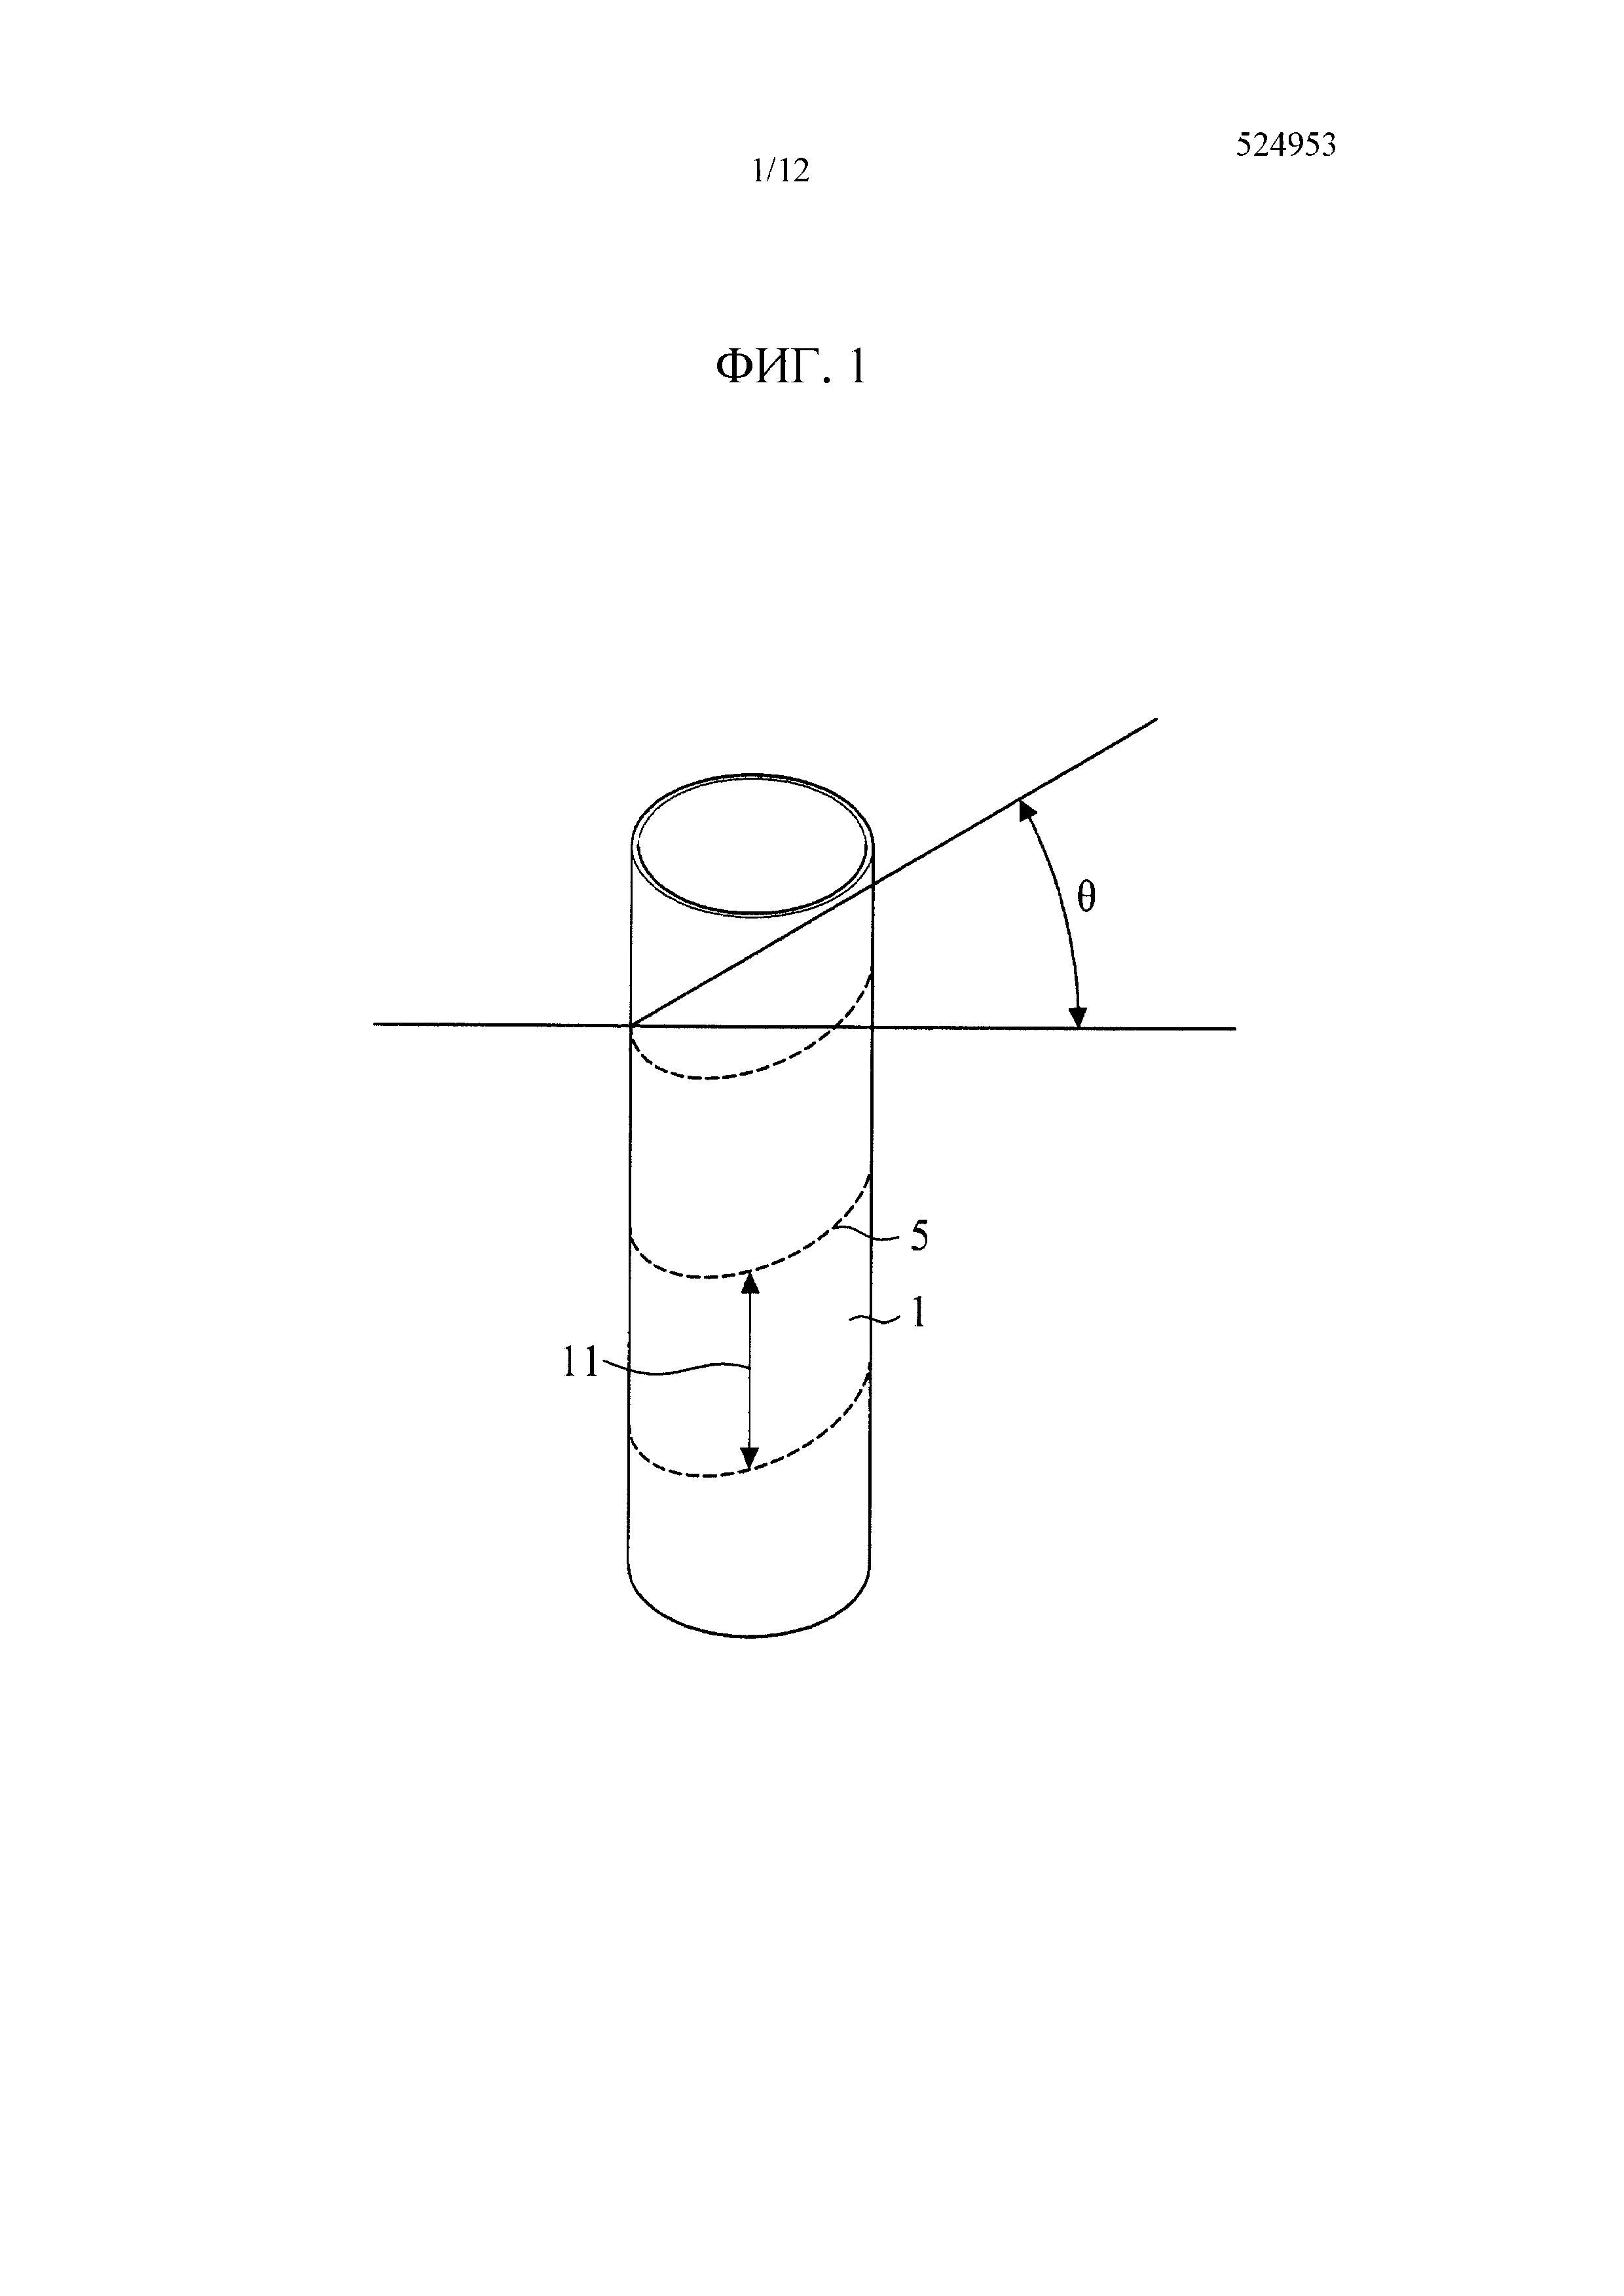 Легко удаляемая бумажная втулка, изделие, использующее бумажную втулку, и способ последовательного использования изделий